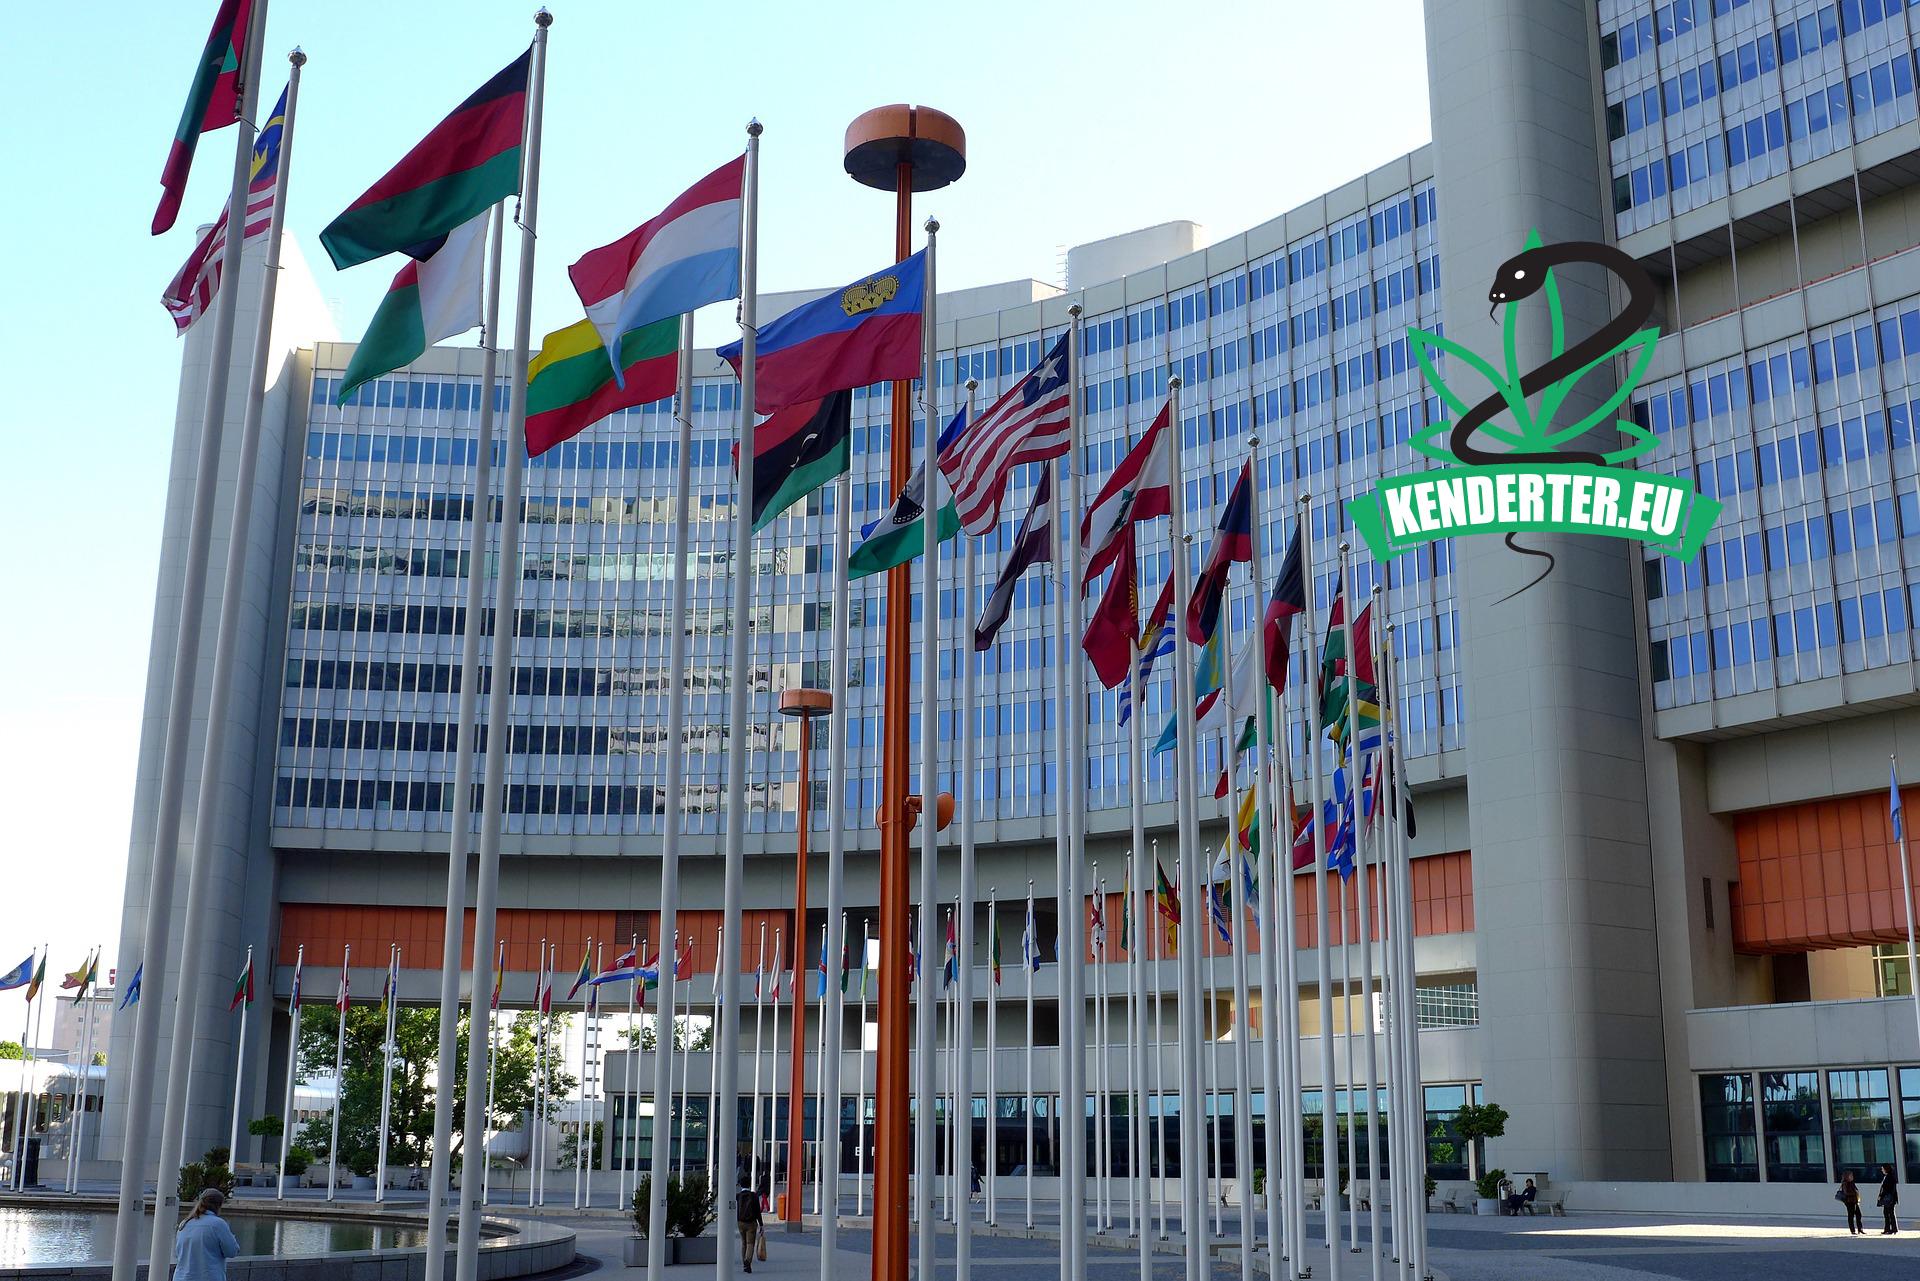 Kendertér - A CND ismét elnapolta a WHO által javasolt kannabisz besorolását érintő szavazást - united nations 3760656 1920